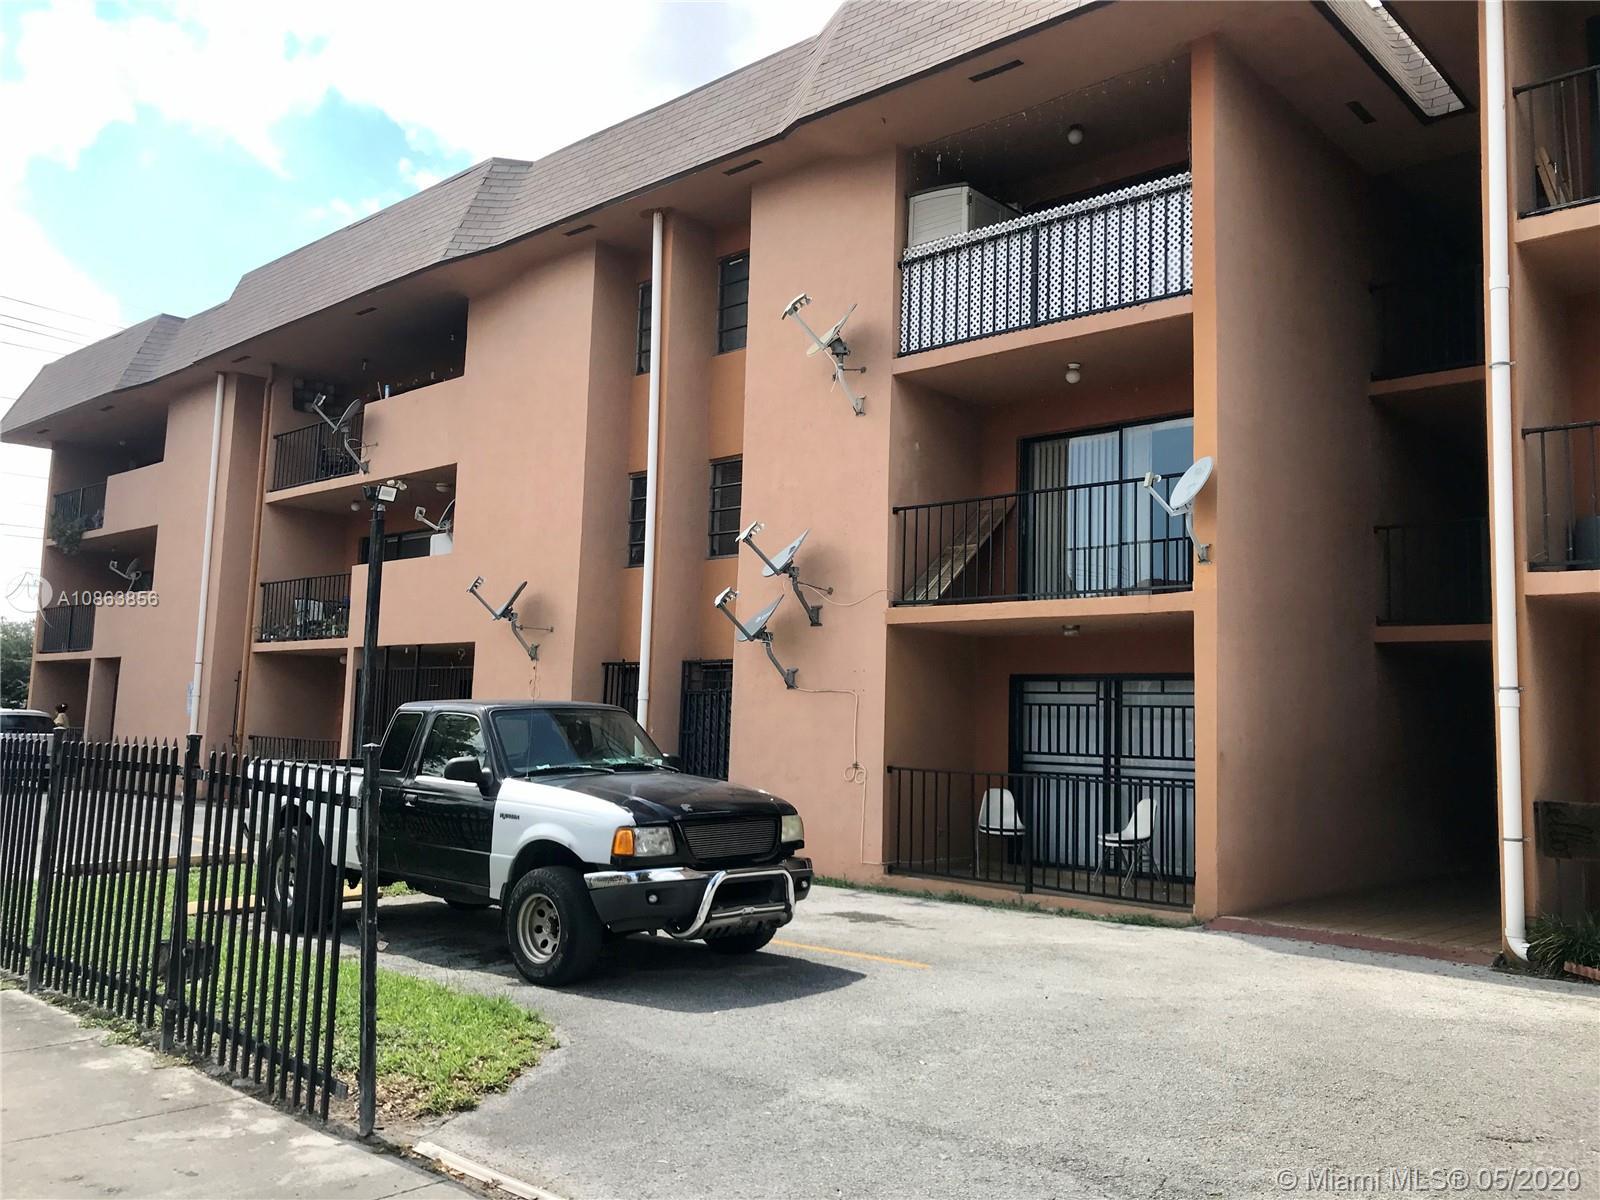 1471 W 43rd Pl 203, Hialeah, FL 33012